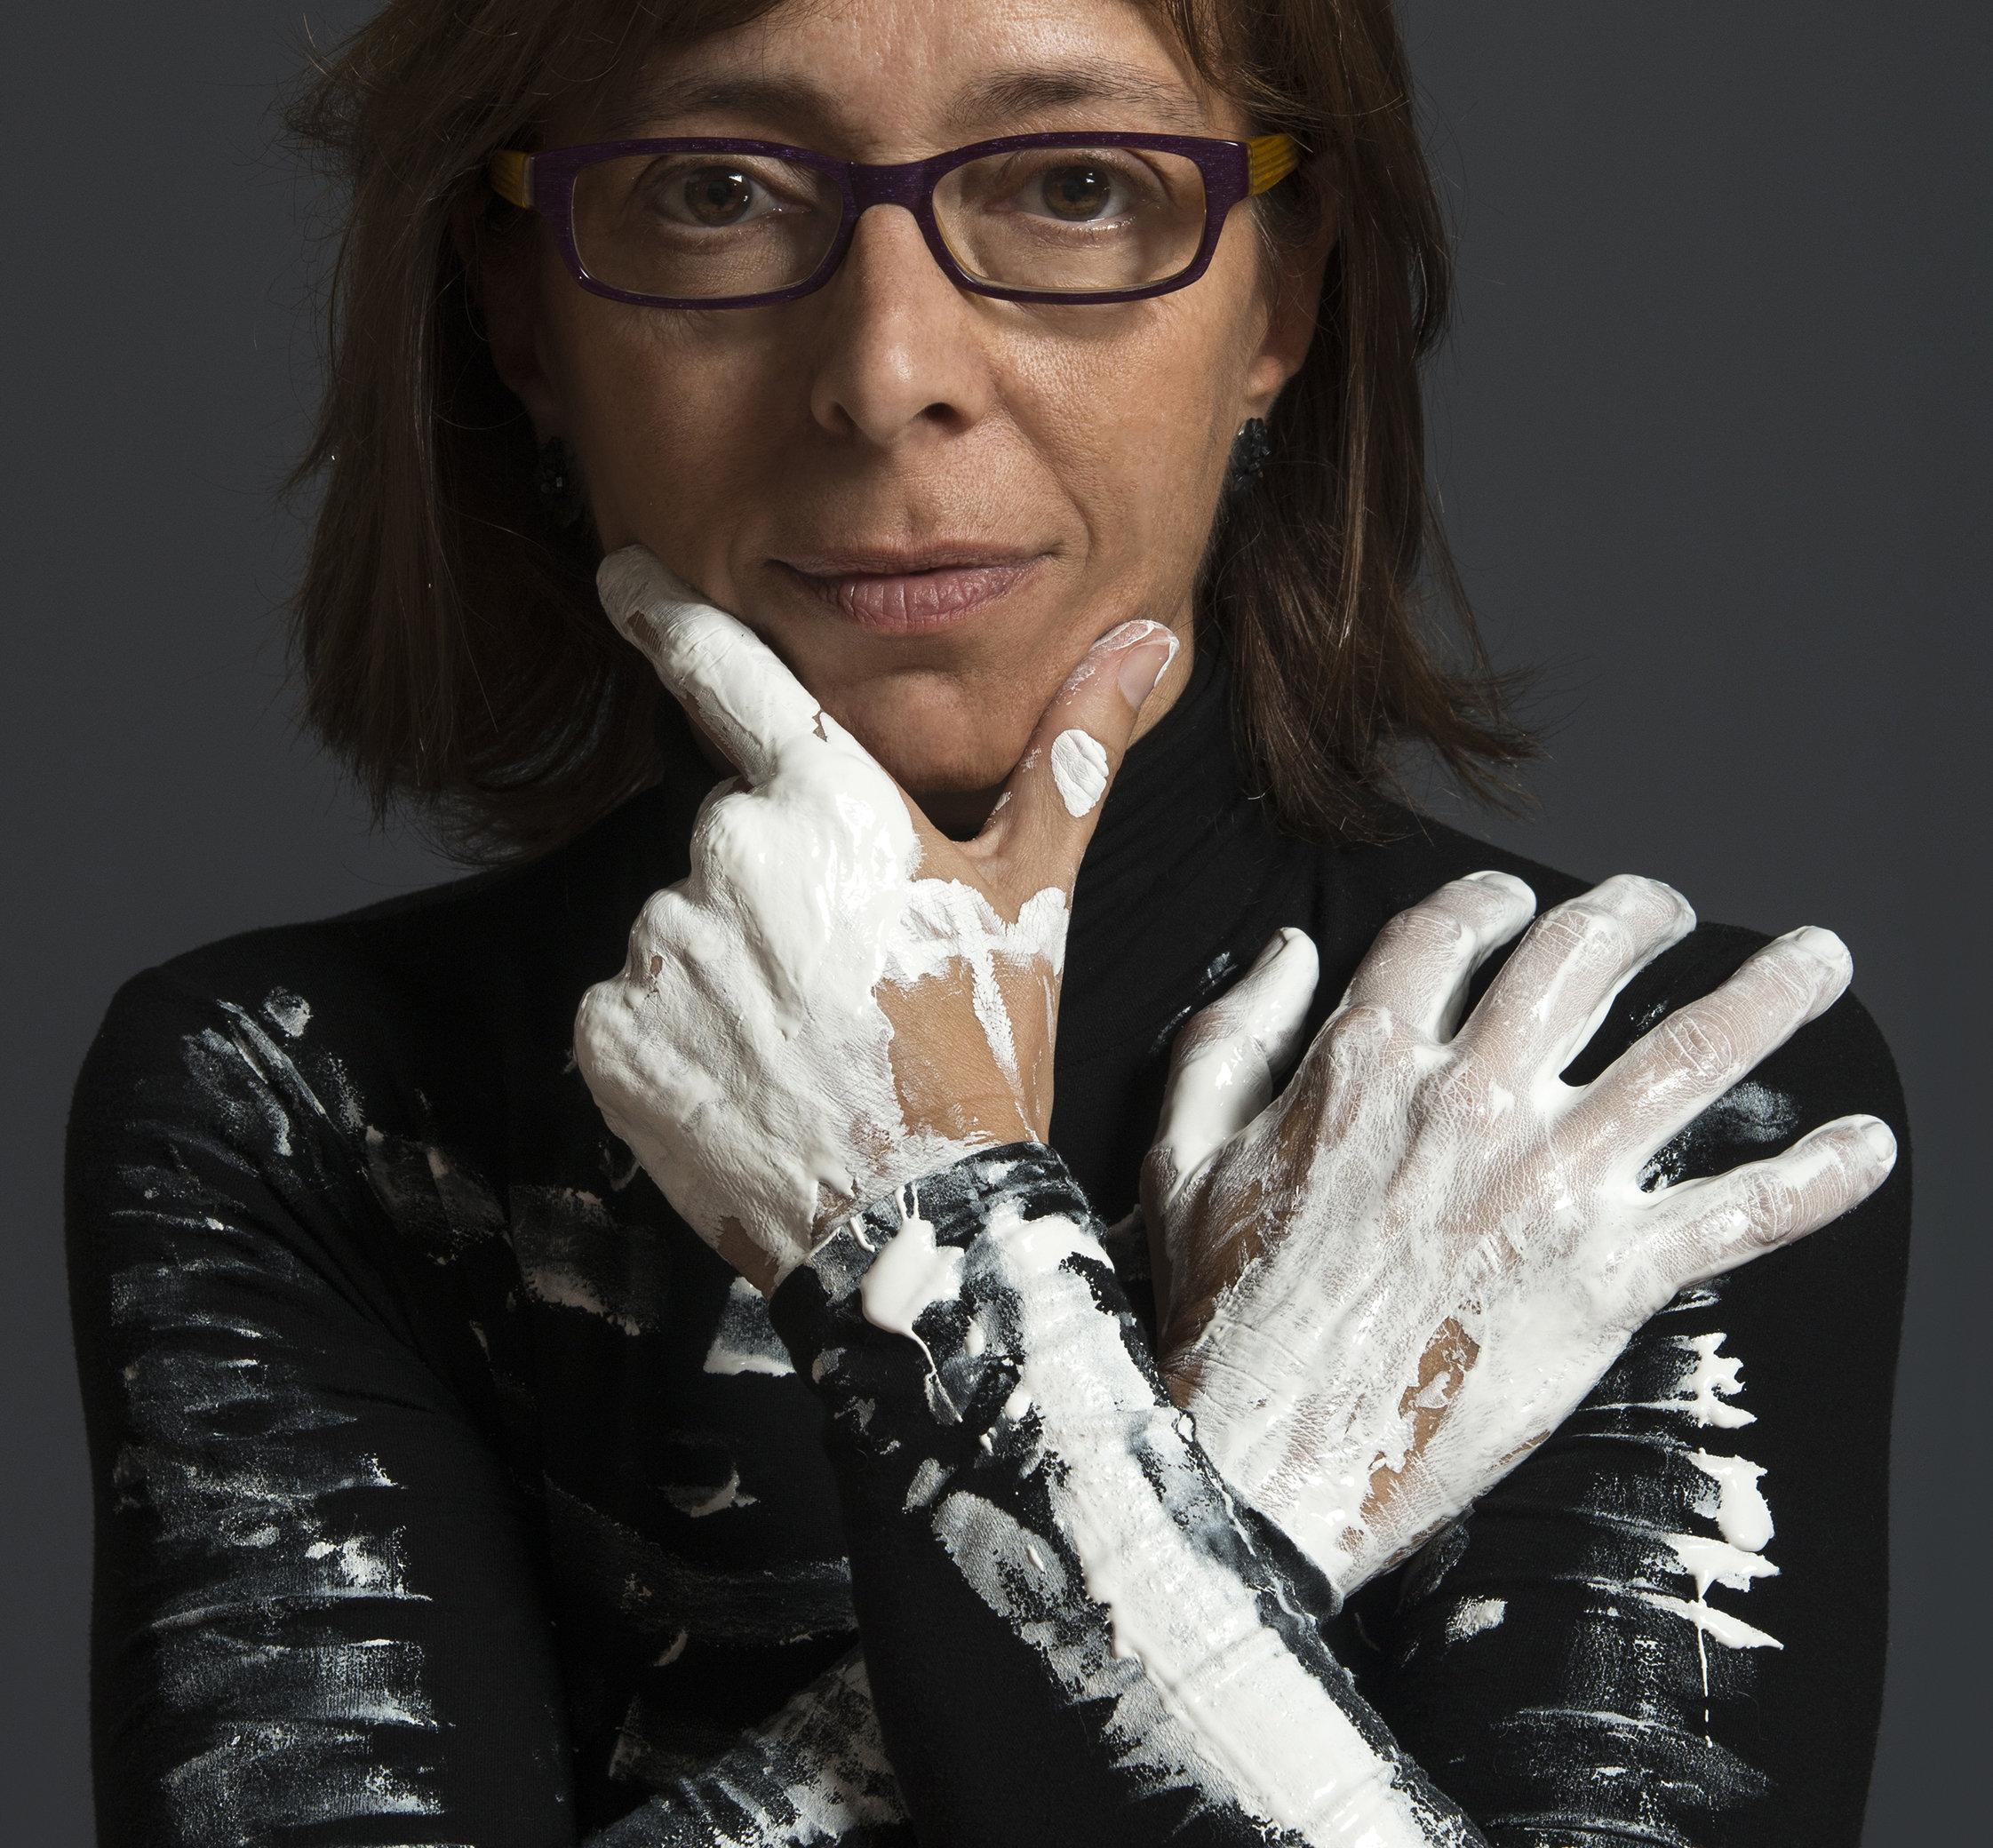 La artista catalana Gina Pórtera